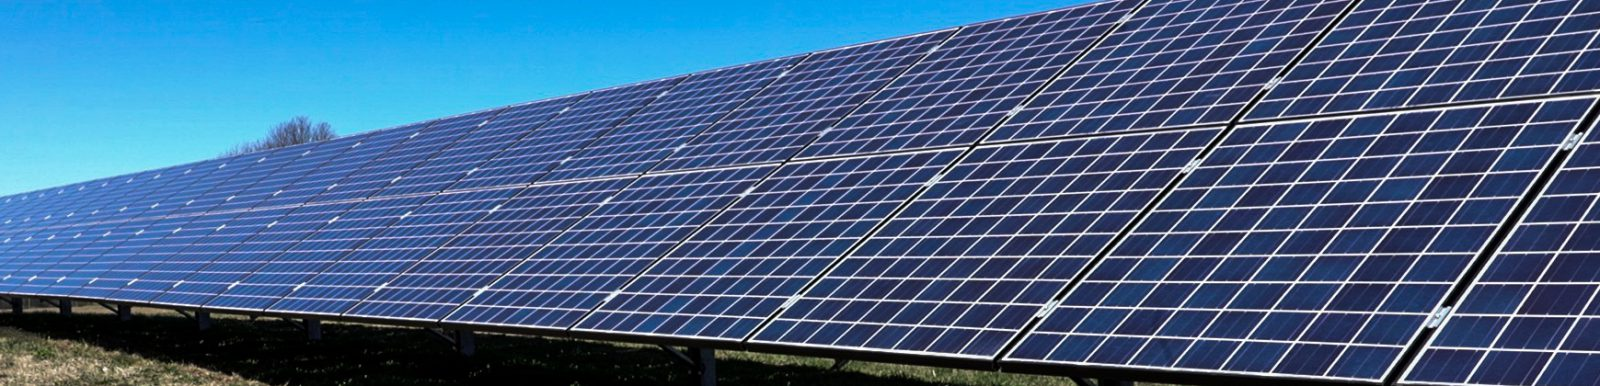 NY community solar array